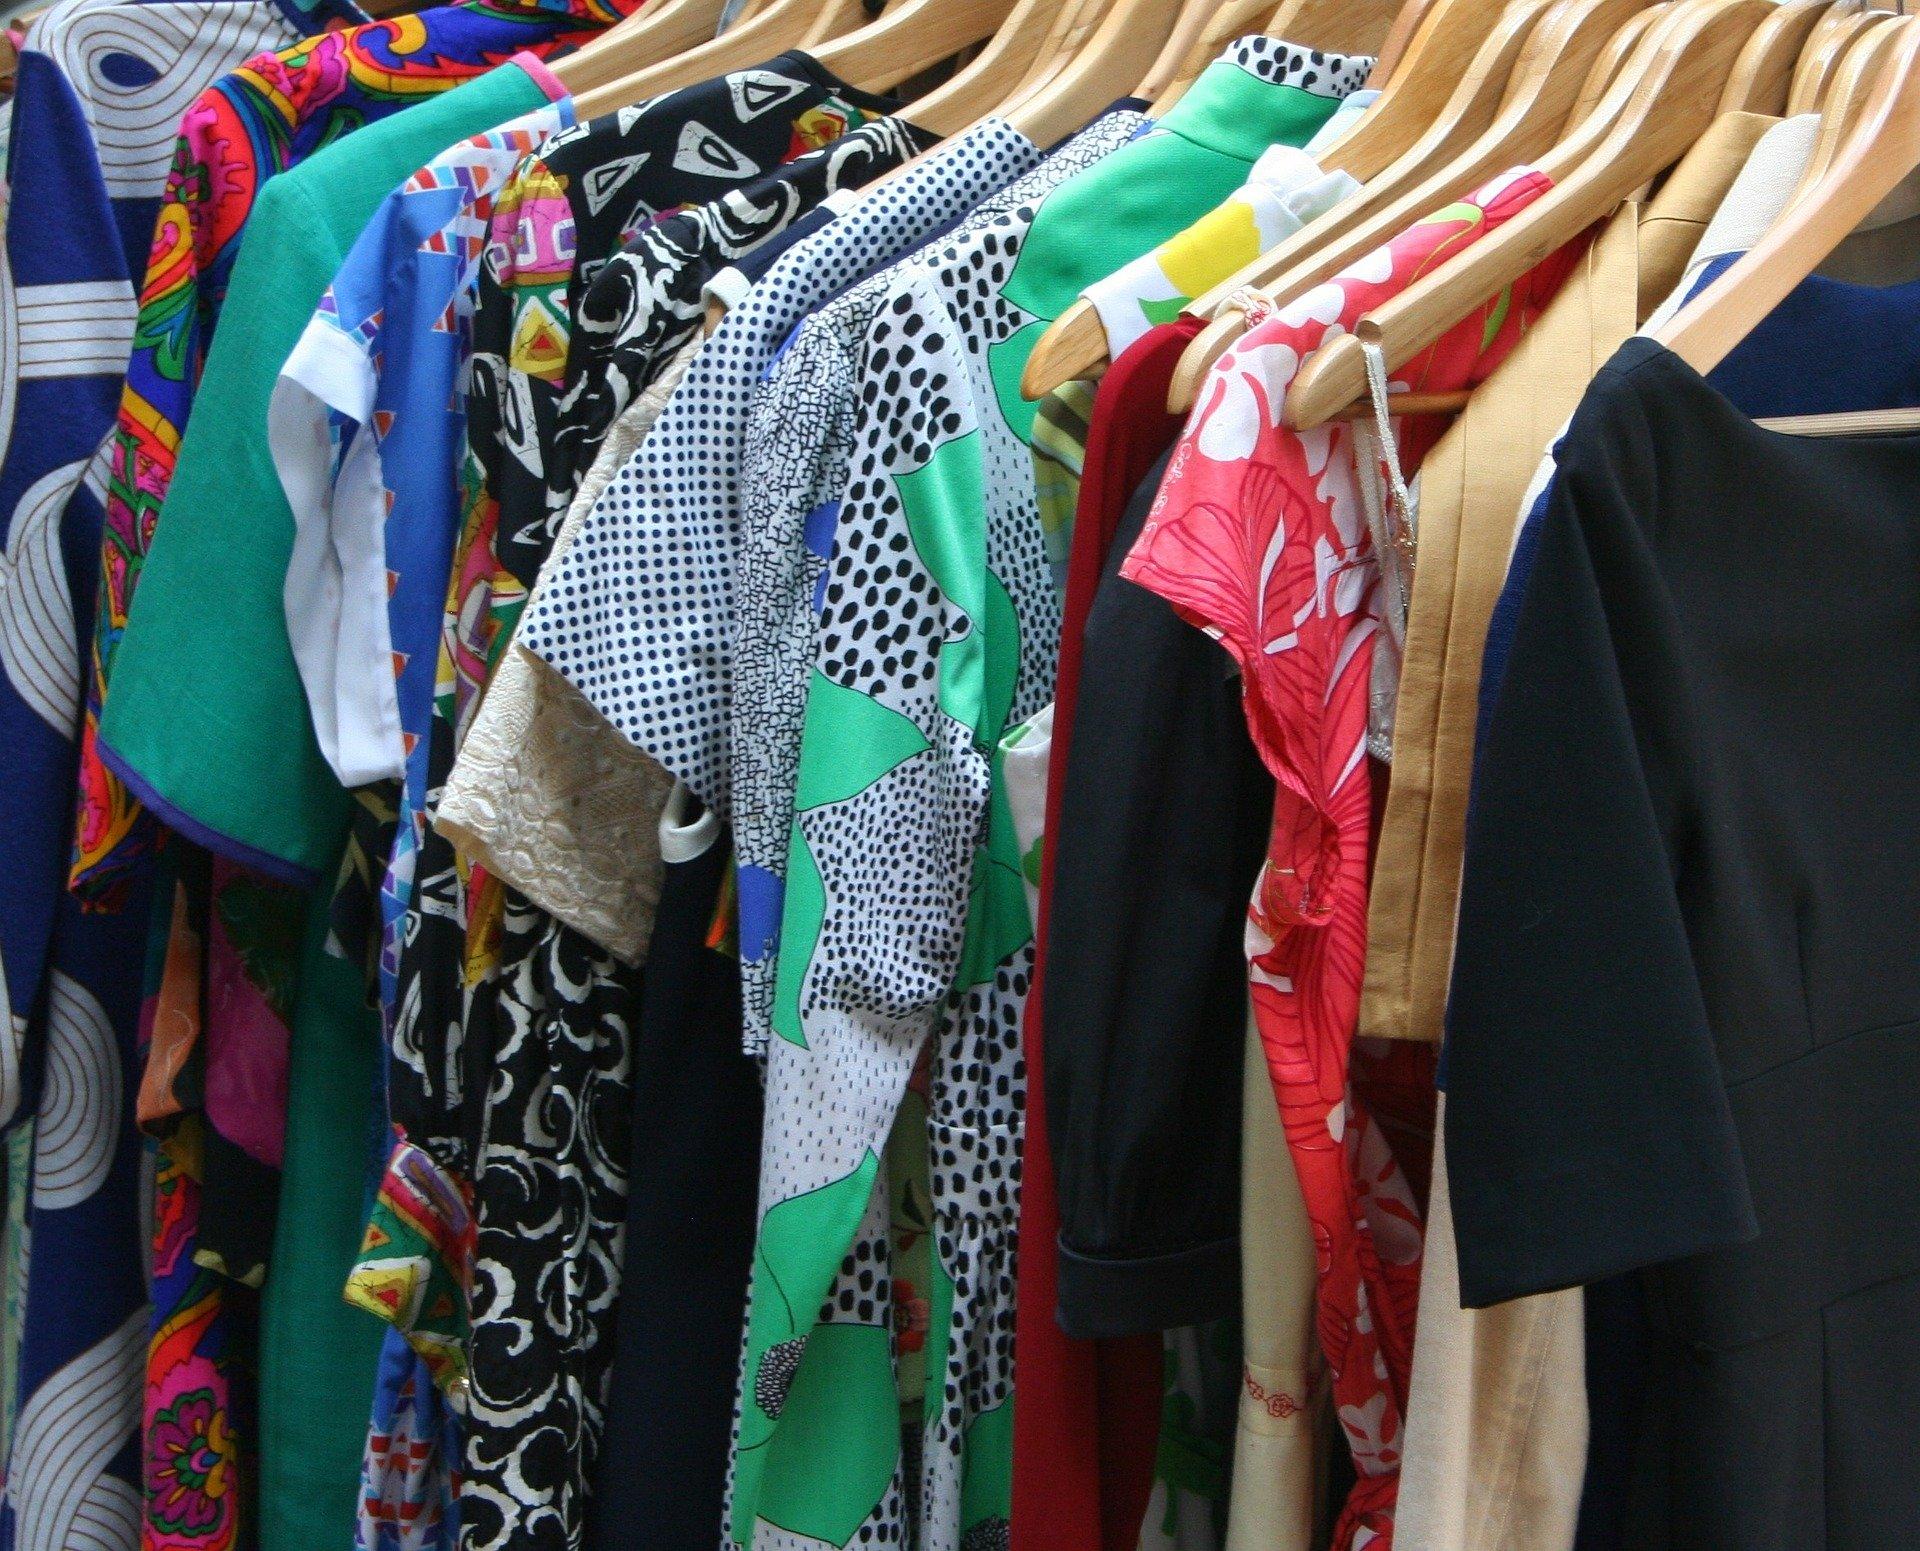 Cum ajutăm mediul dacă reciclăm hainele pe care nu le mai purtăm - Stratos.ro